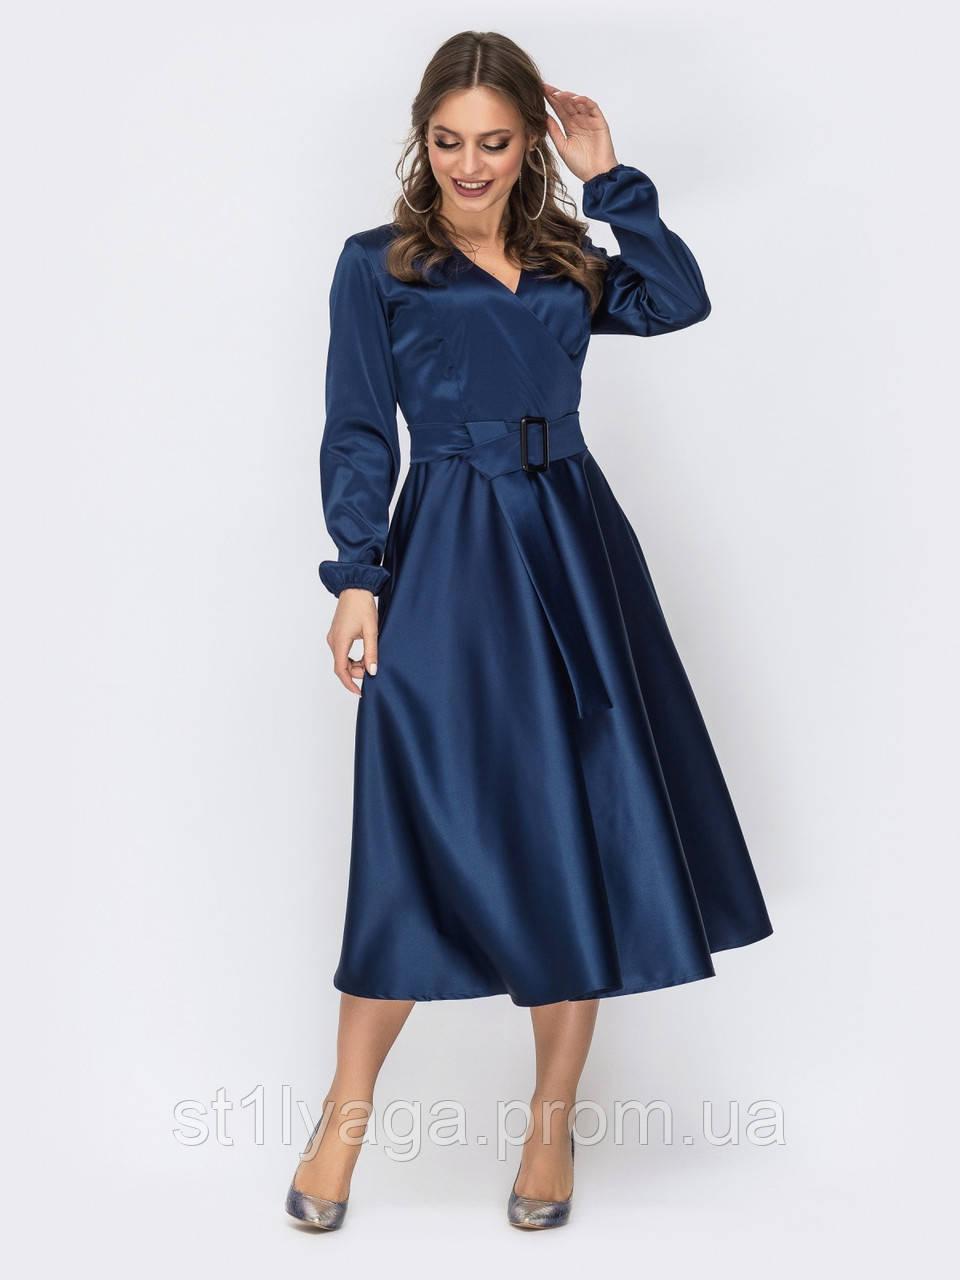 Платье-миди с лифом на запах и расклешенной юбкой